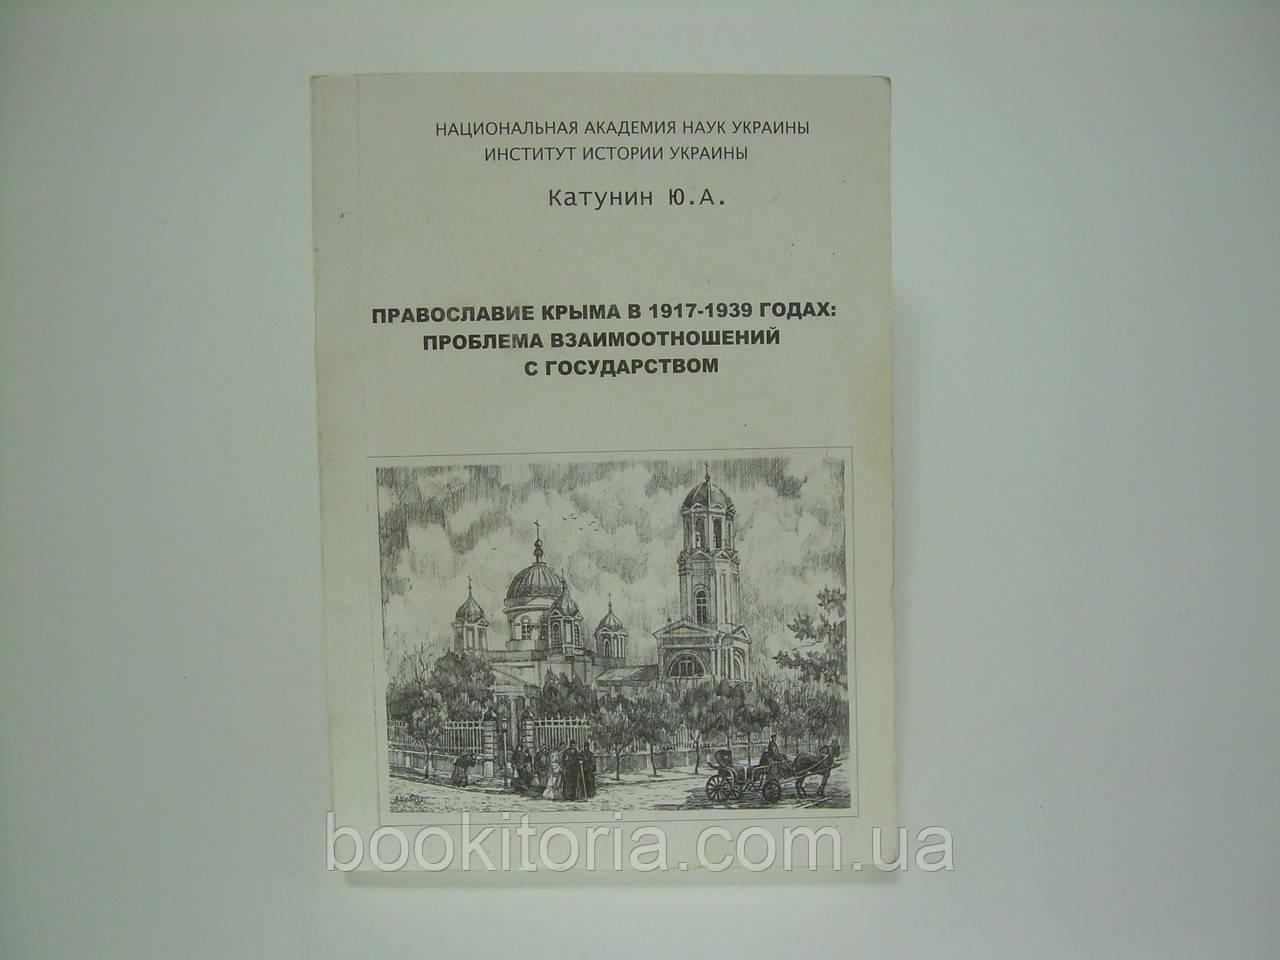 Катунин Ю.А. Православие Крыма (б/у).